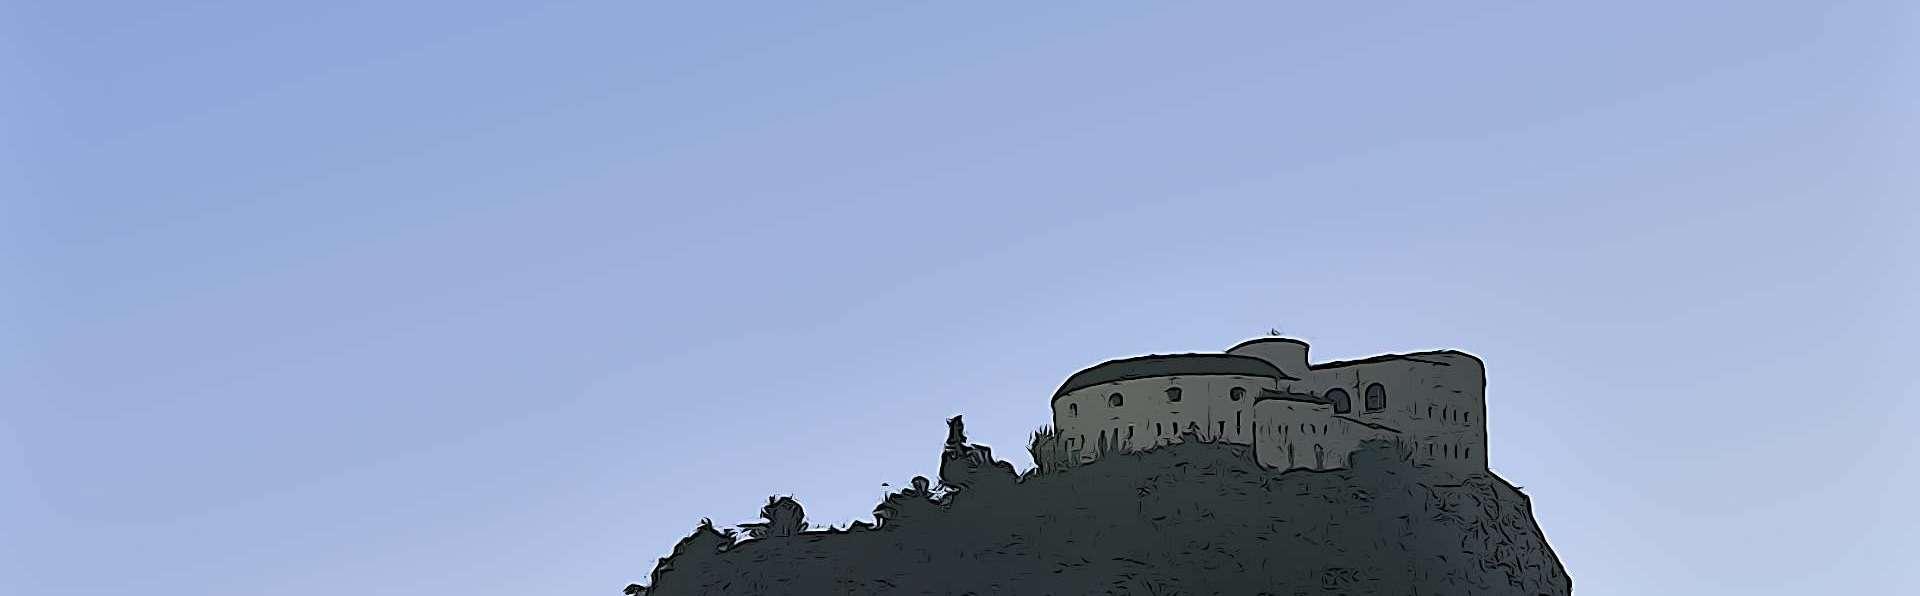 Forte di Rivoli Veronese